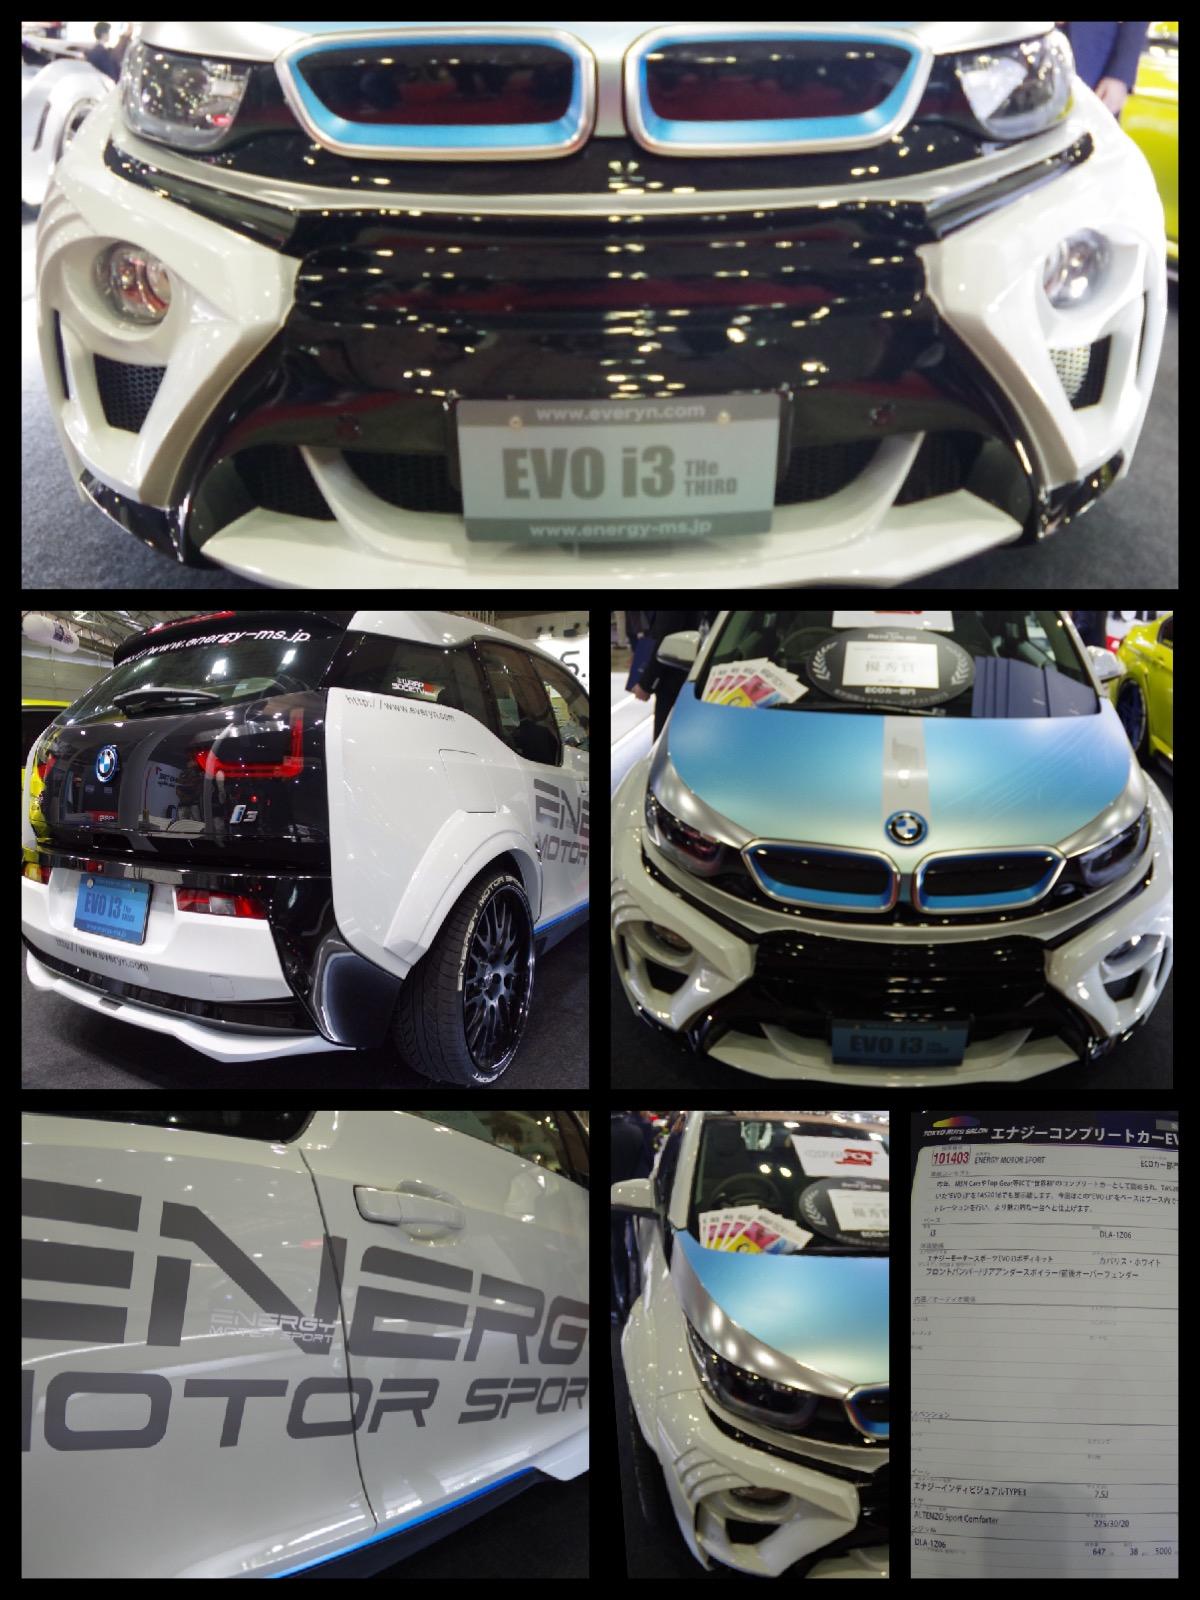 BMW i3 東京オートサロン2016 エナジーコンプリートカーEVO i3